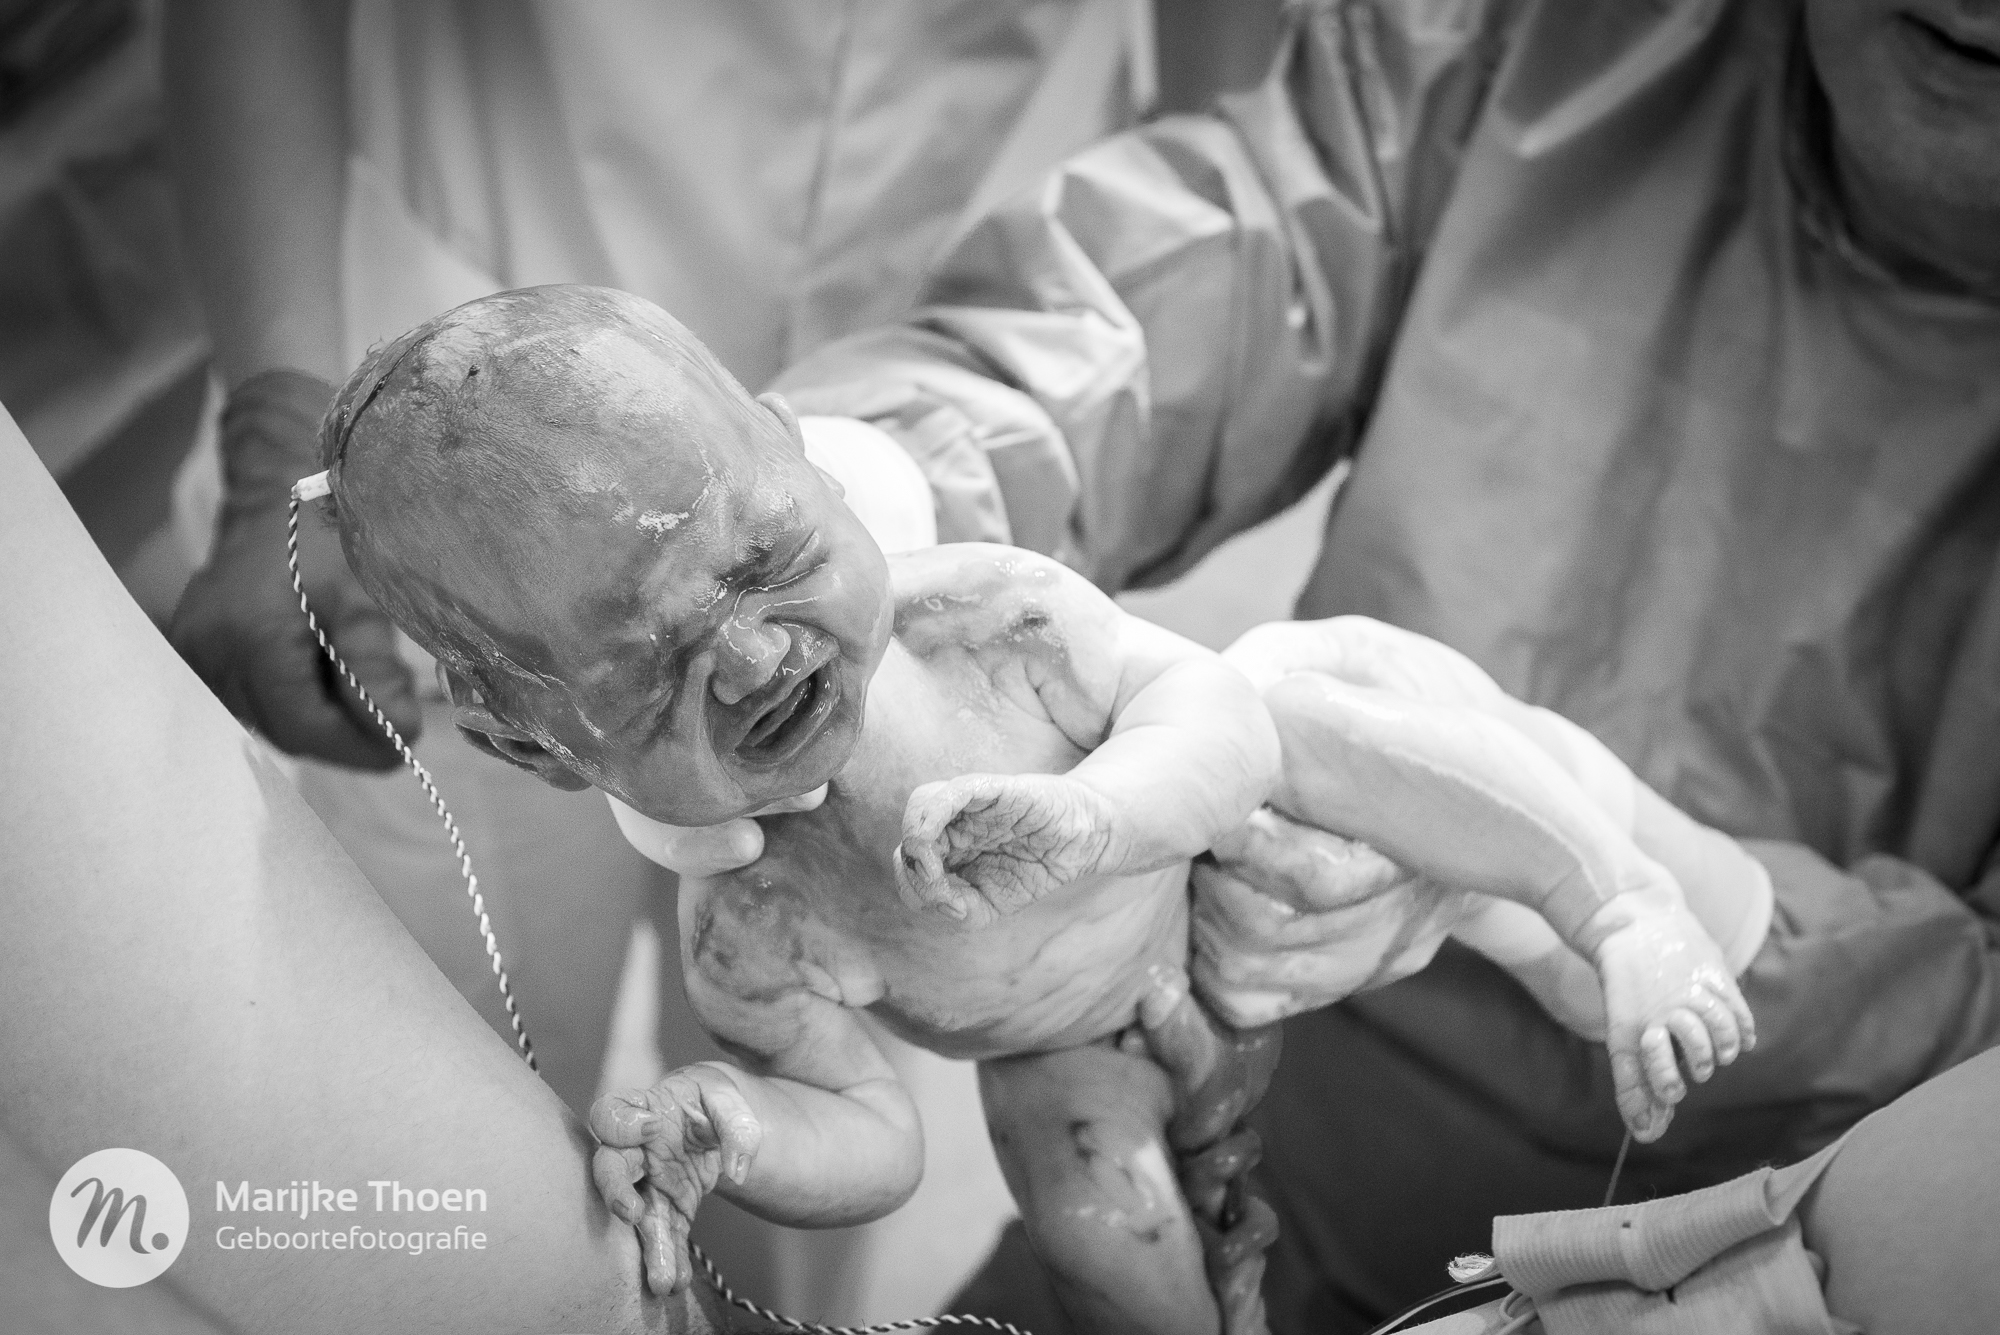 geboortefotograafie marijke thoen vlaanderen -12